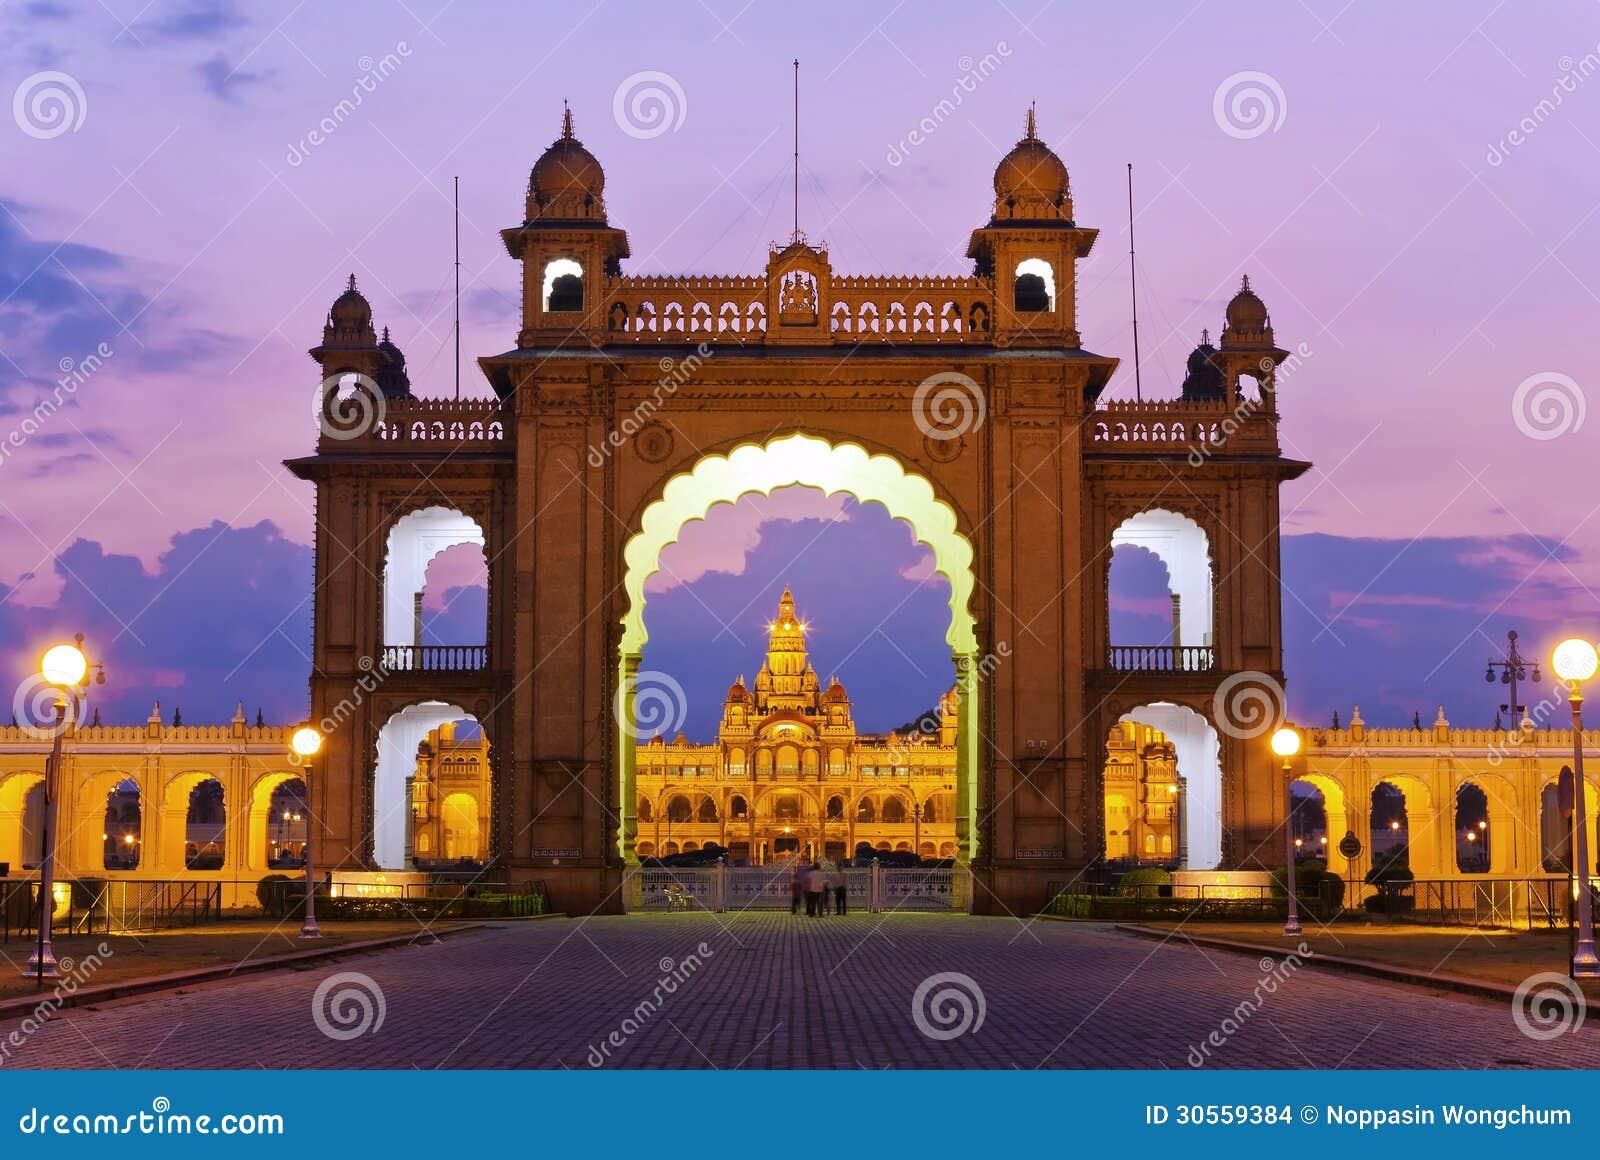 Παλάτι του Mysore